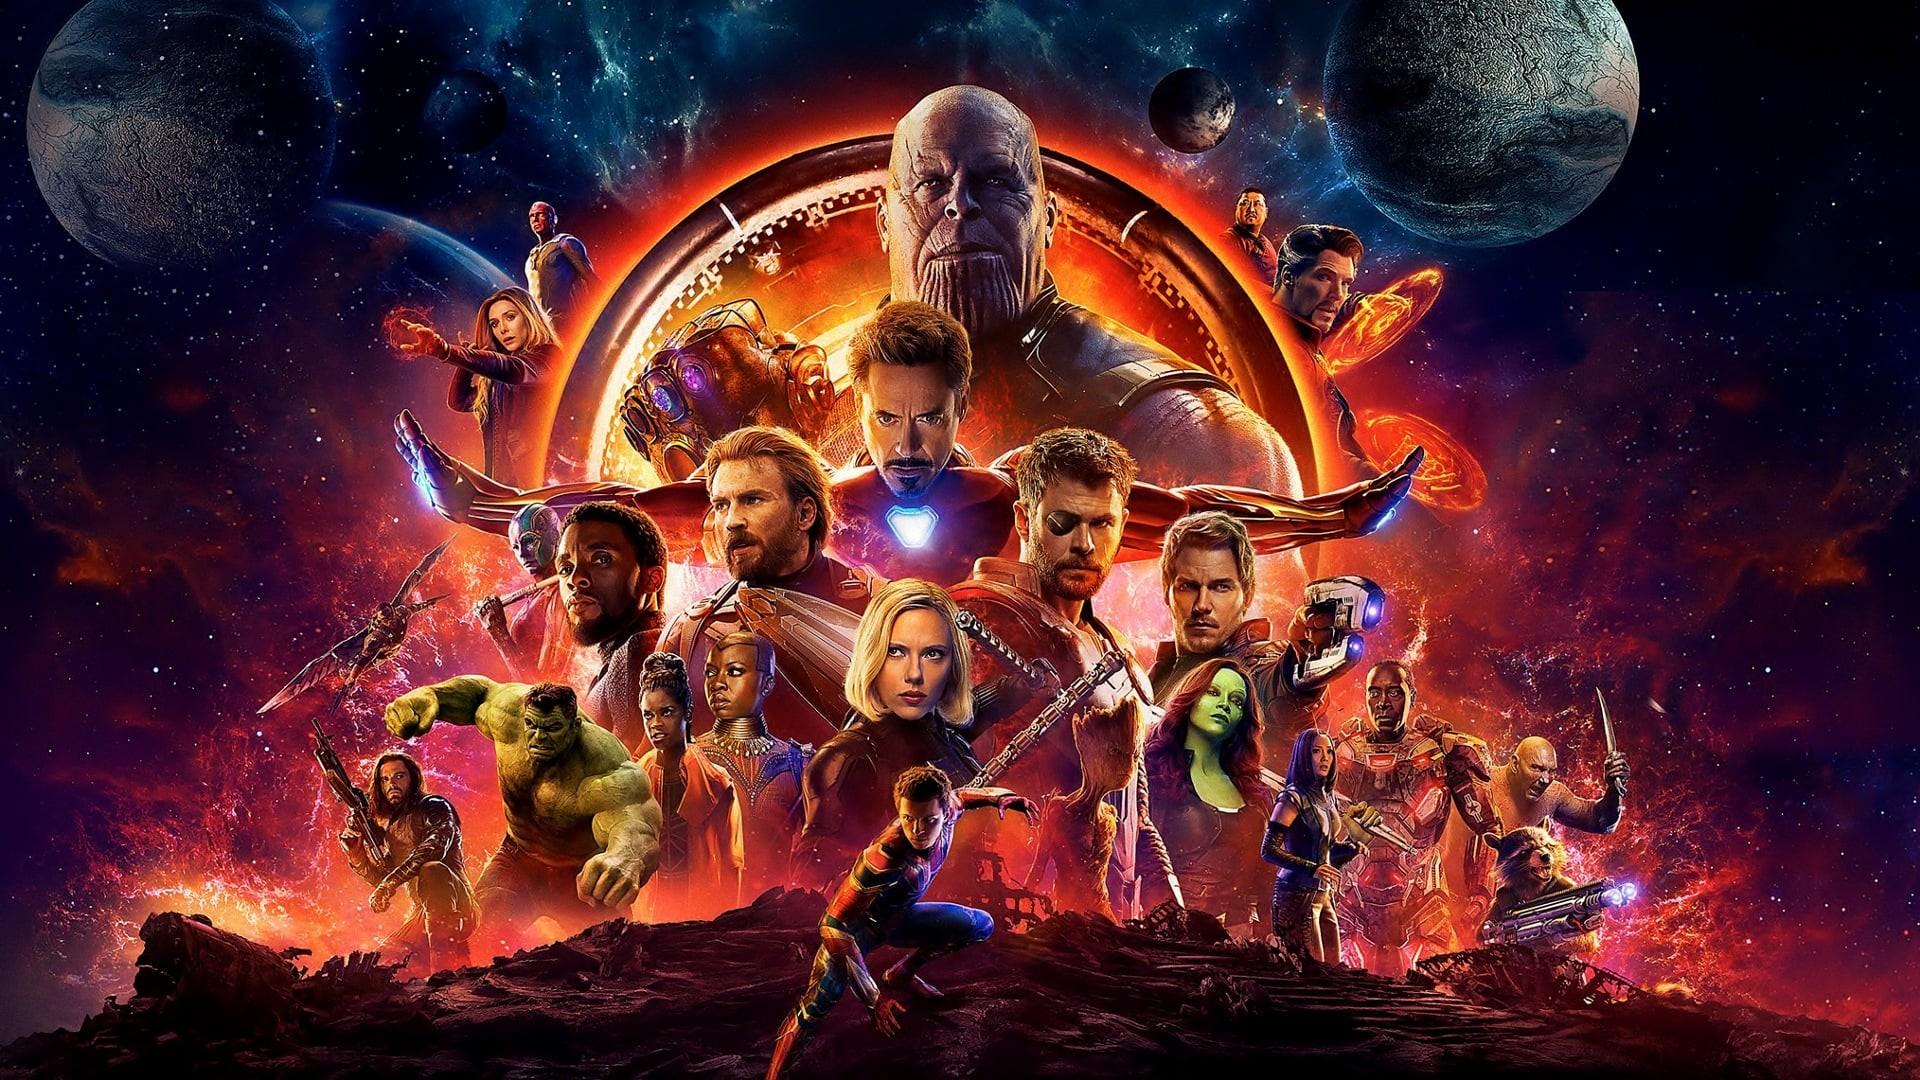 Vingadores: Guerra Infinita é o décimo nono filme do Universo Marvel e se tornou a maior estreia da história do cinema (Foto: Reprodução/Internet)